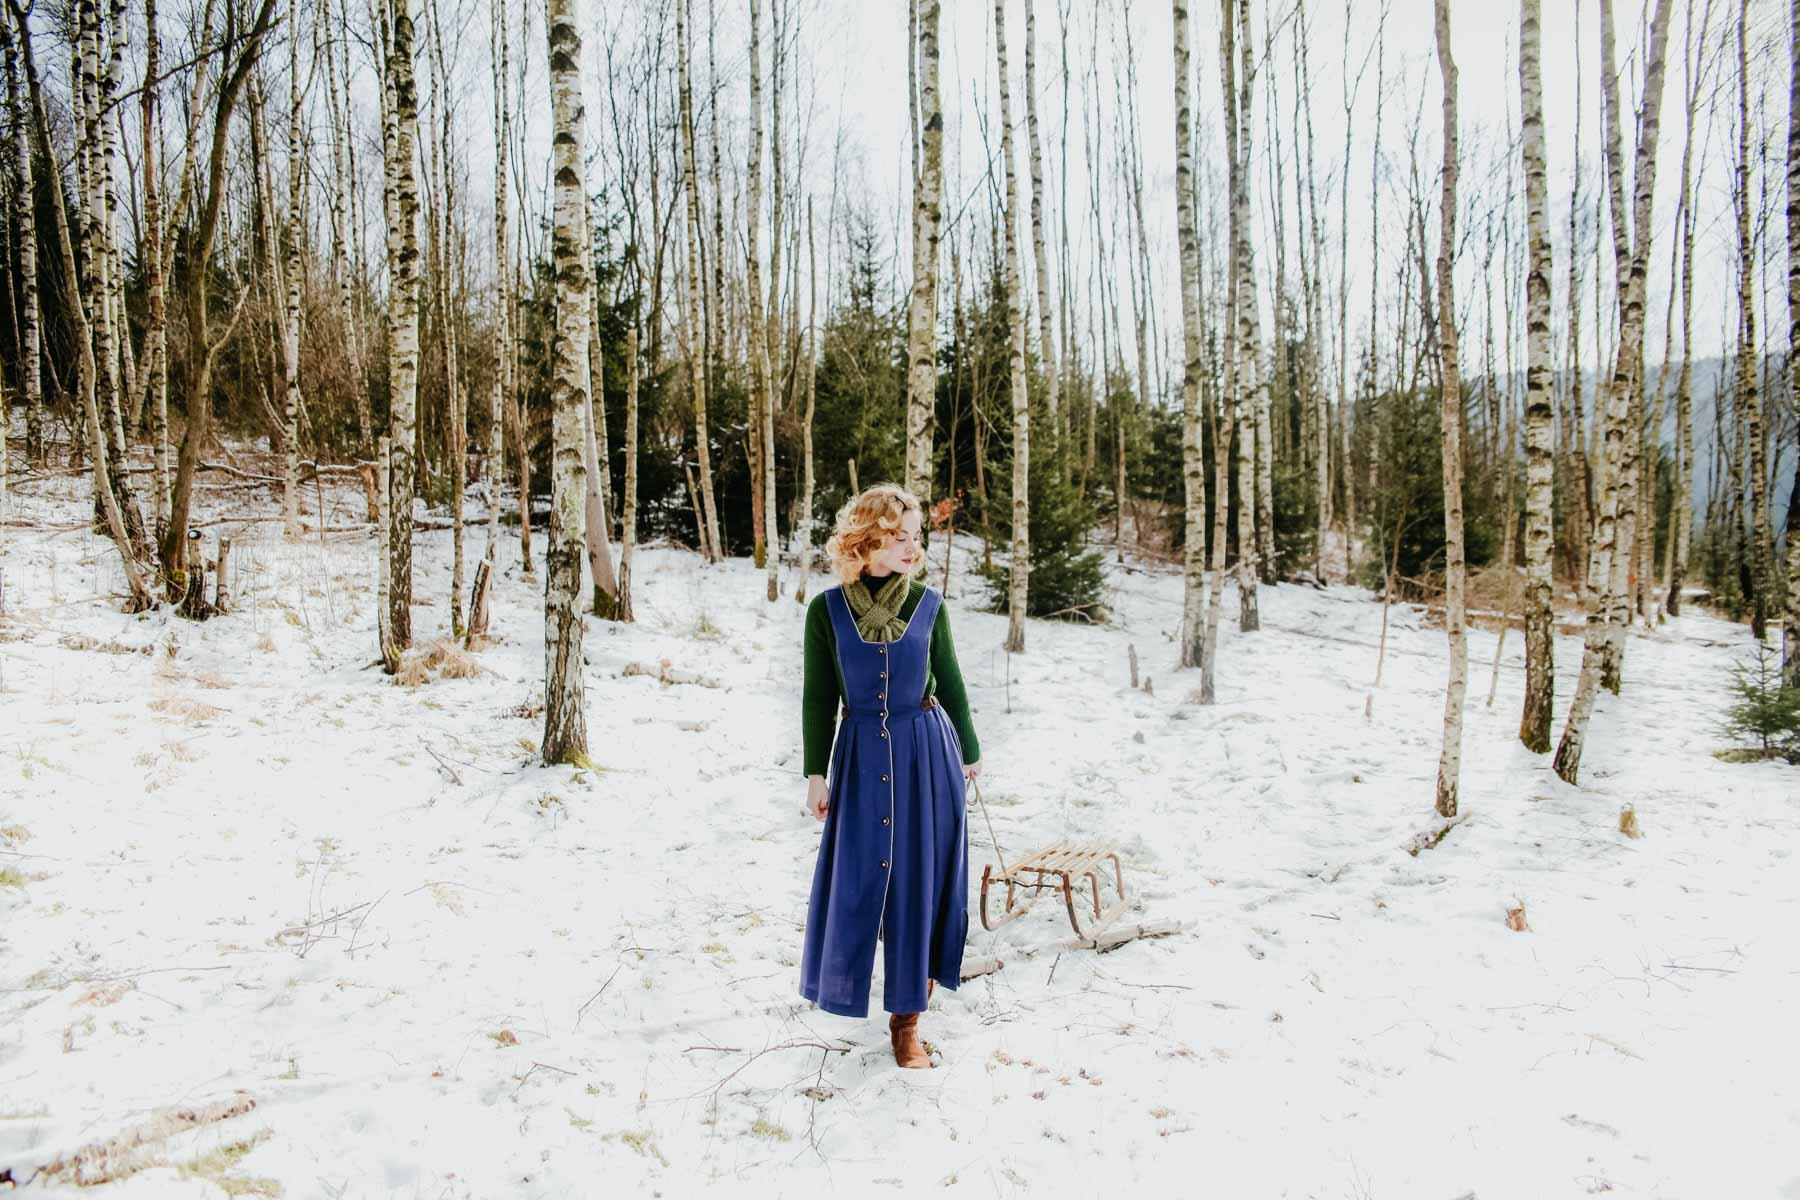 Snowy Day - Schneetag (12)